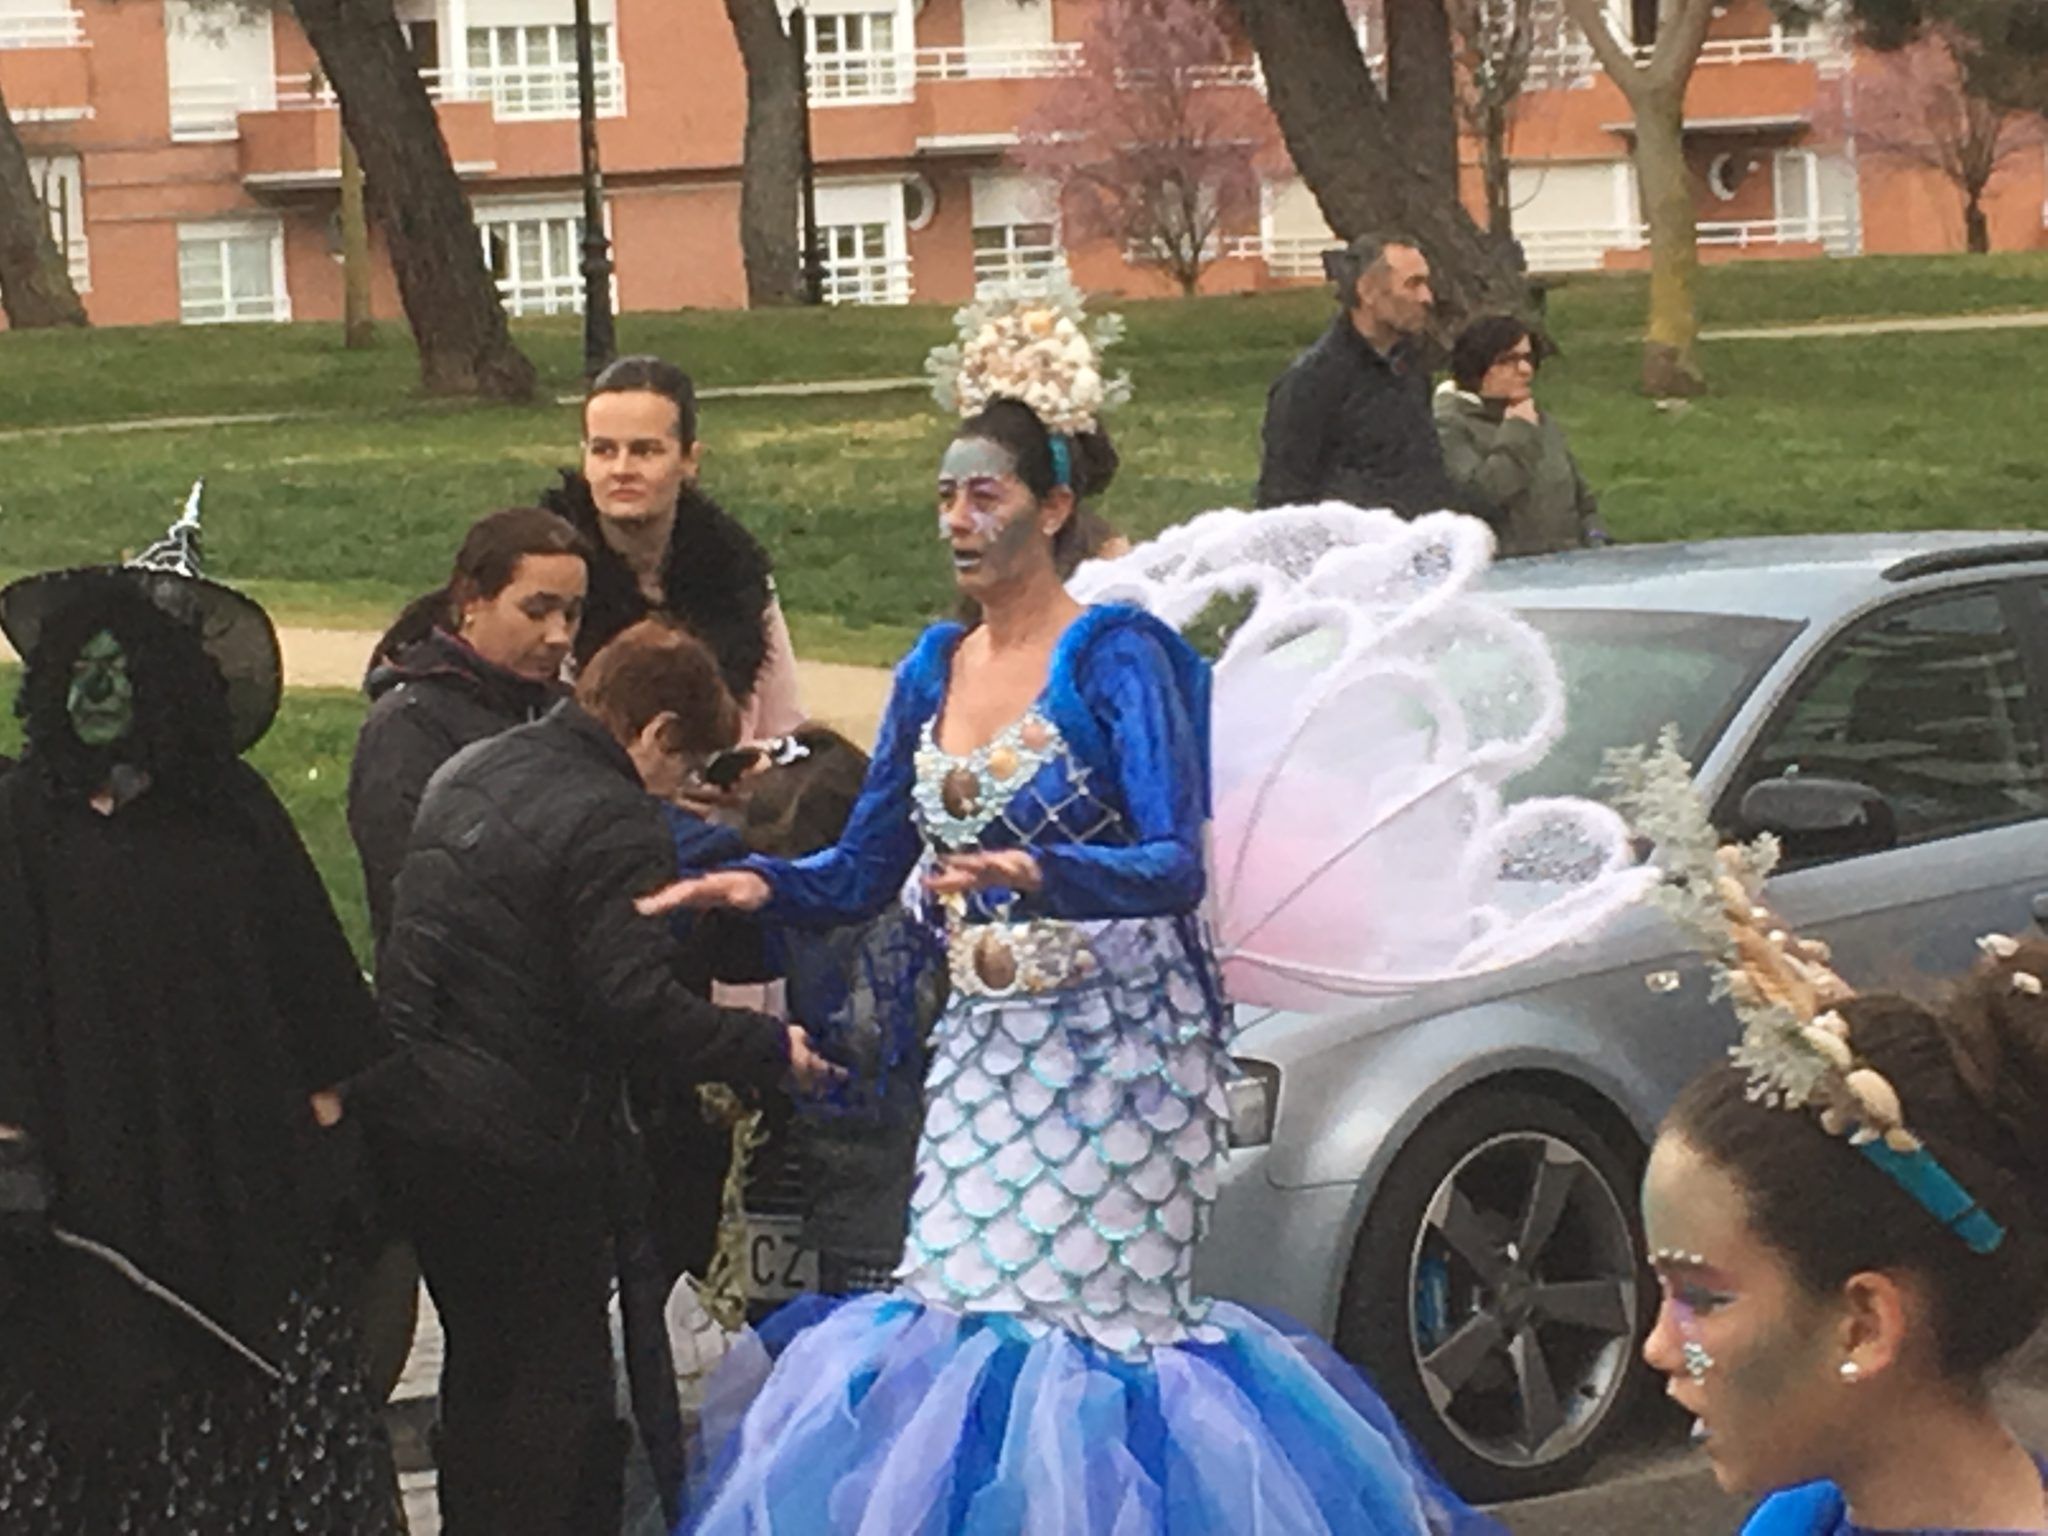 Álbum de fotos del martes de Carnaval 2019 en Ponferrada 43